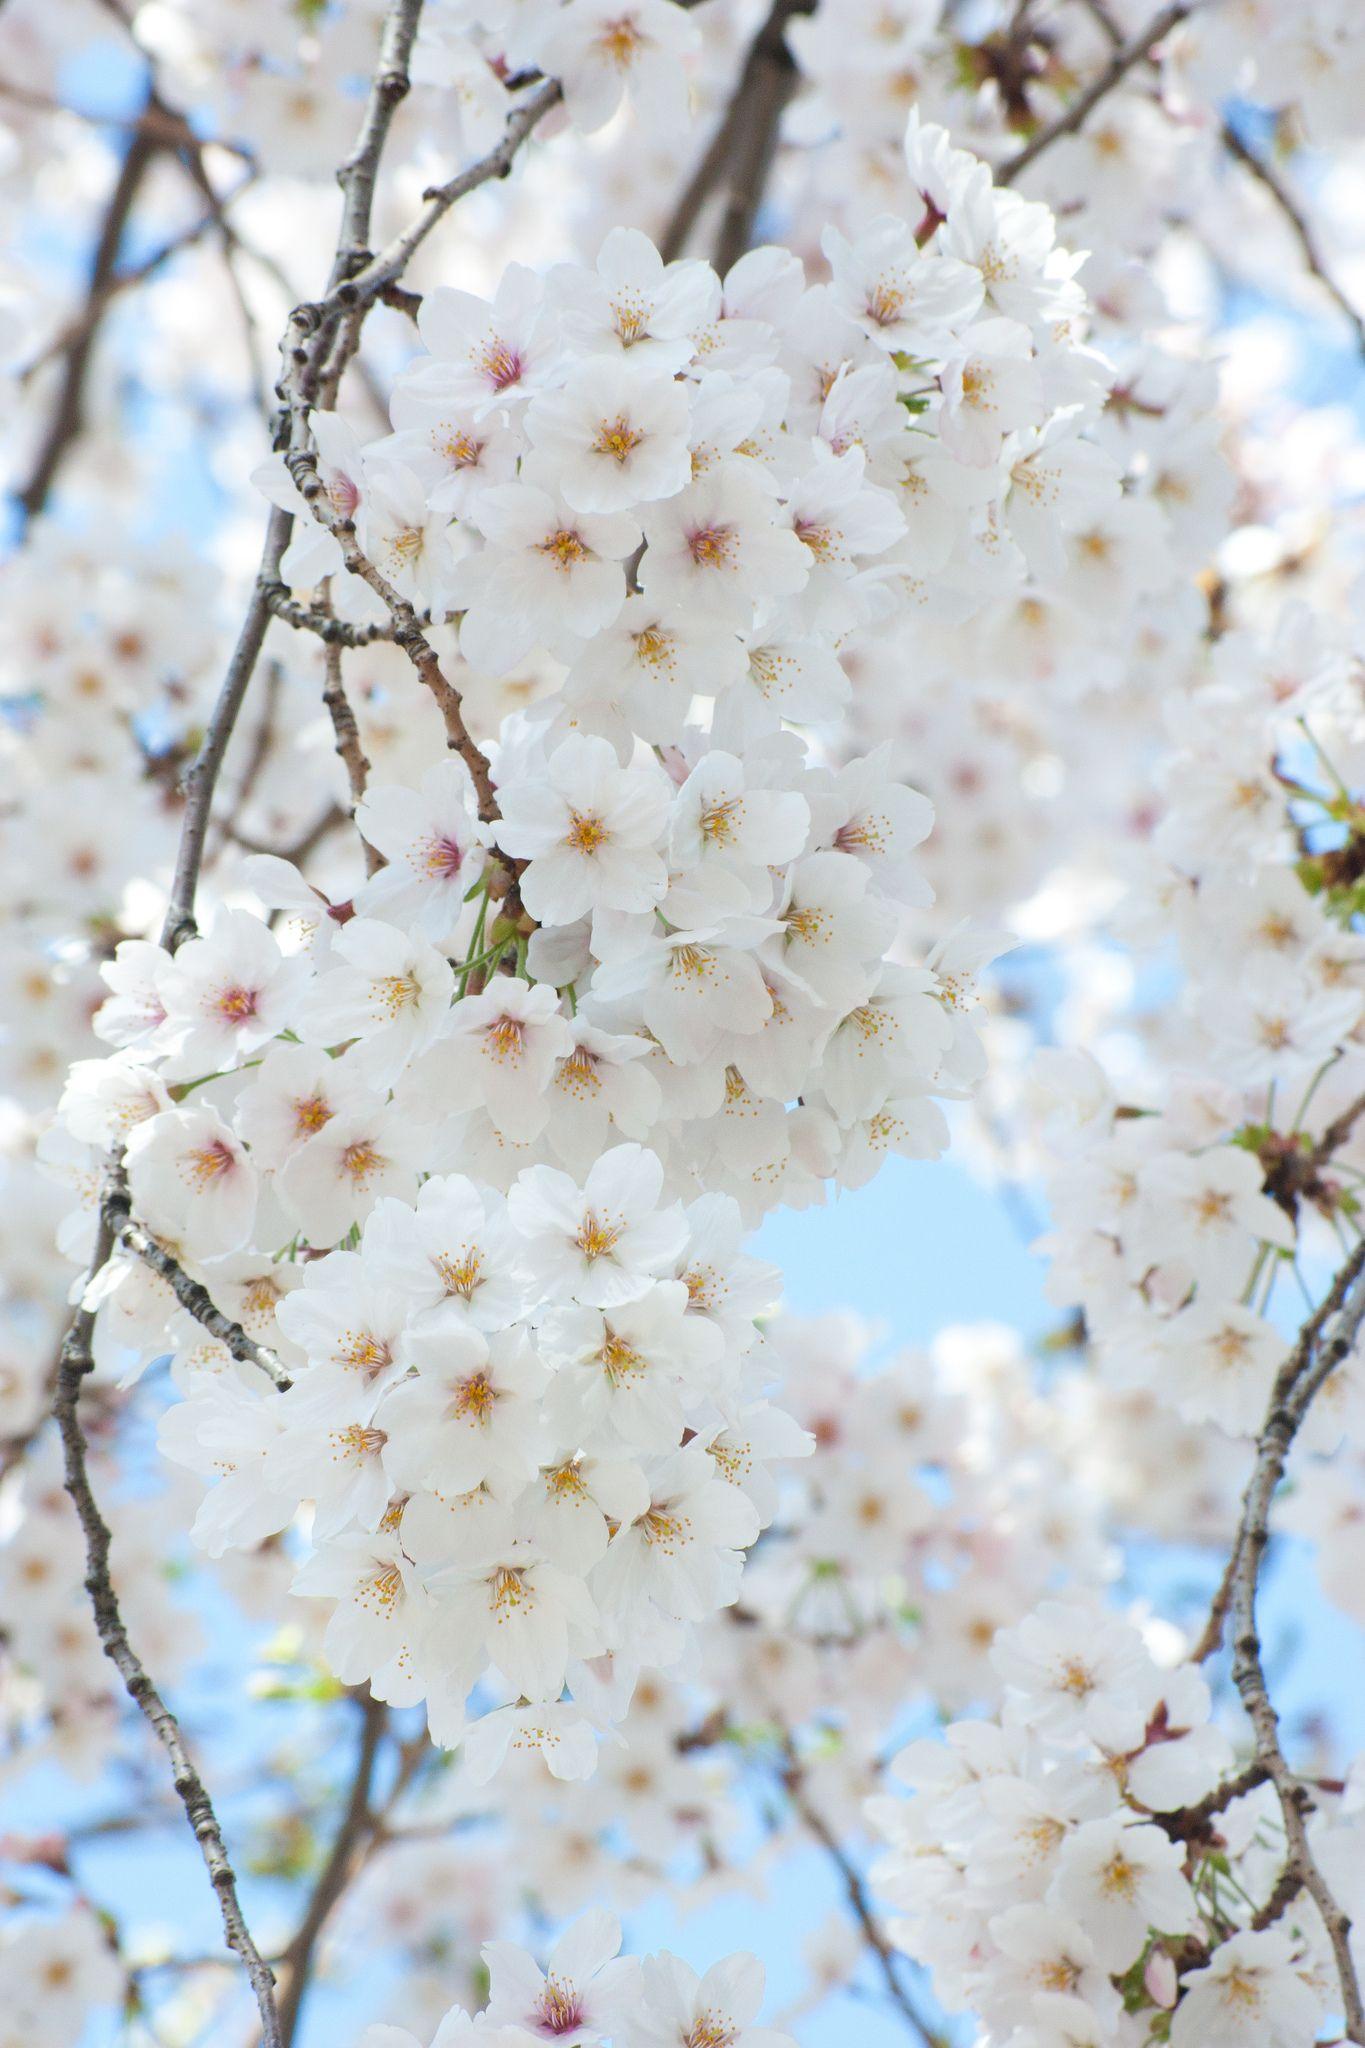 Sakura 2012 Cherry Blossoms Fruit Trees Cerezo Sakura Cerezo